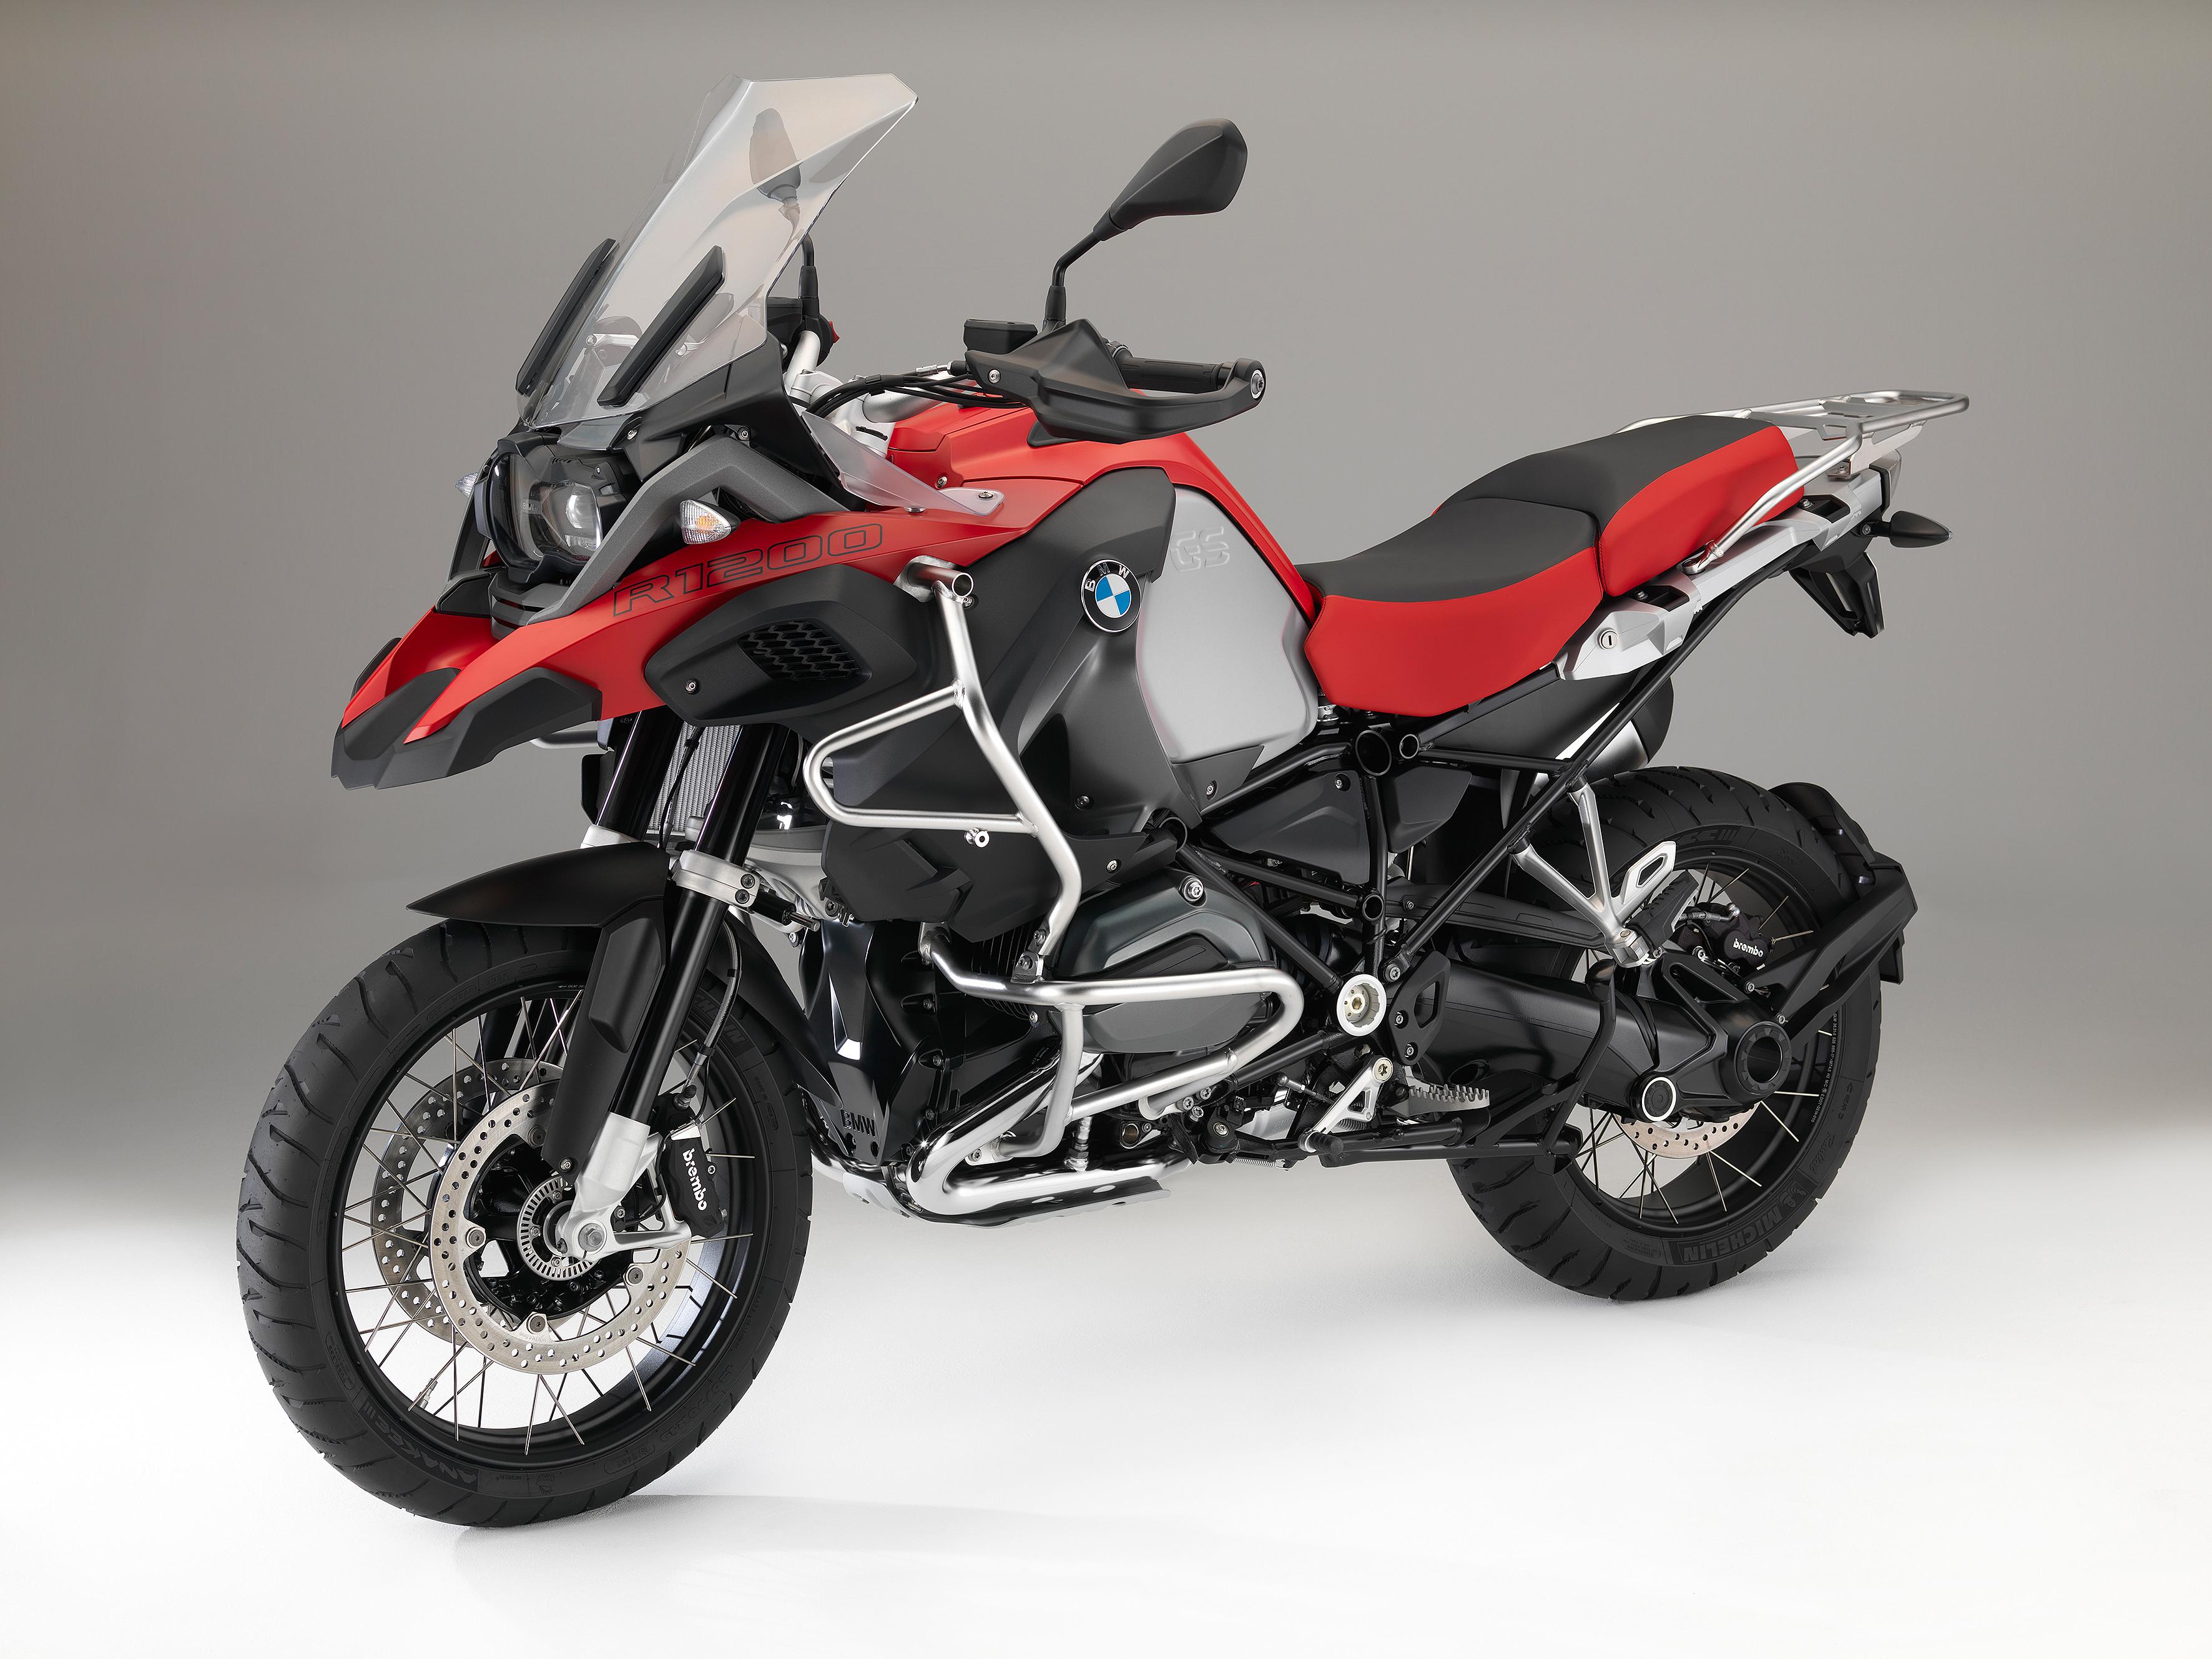 actu moto challenge one agen evolutions nouveautes 2016 couleurs bmw motorrad. Black Bedroom Furniture Sets. Home Design Ideas